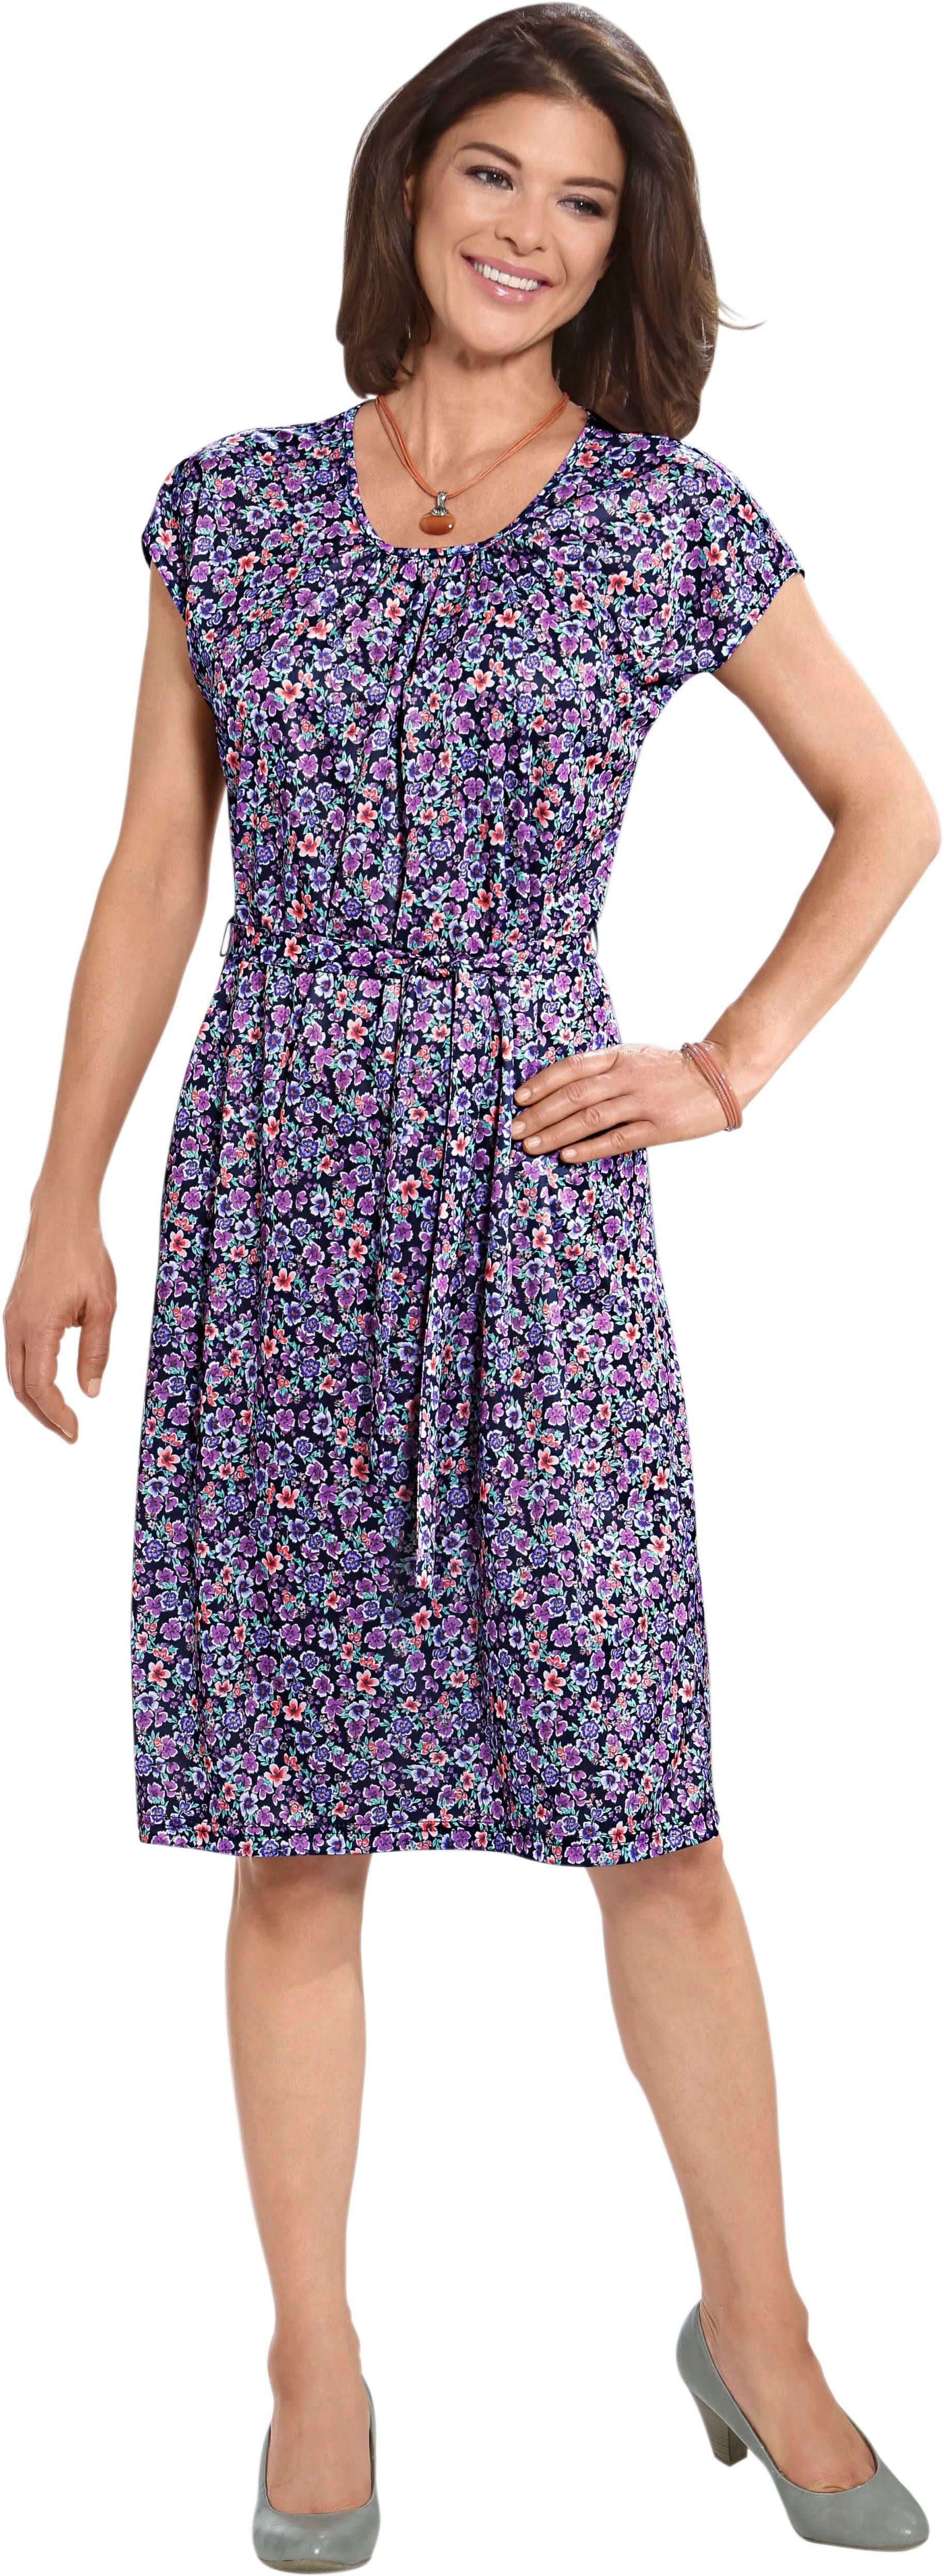 Classic Basics Jersey-Kleid in Schlupfform